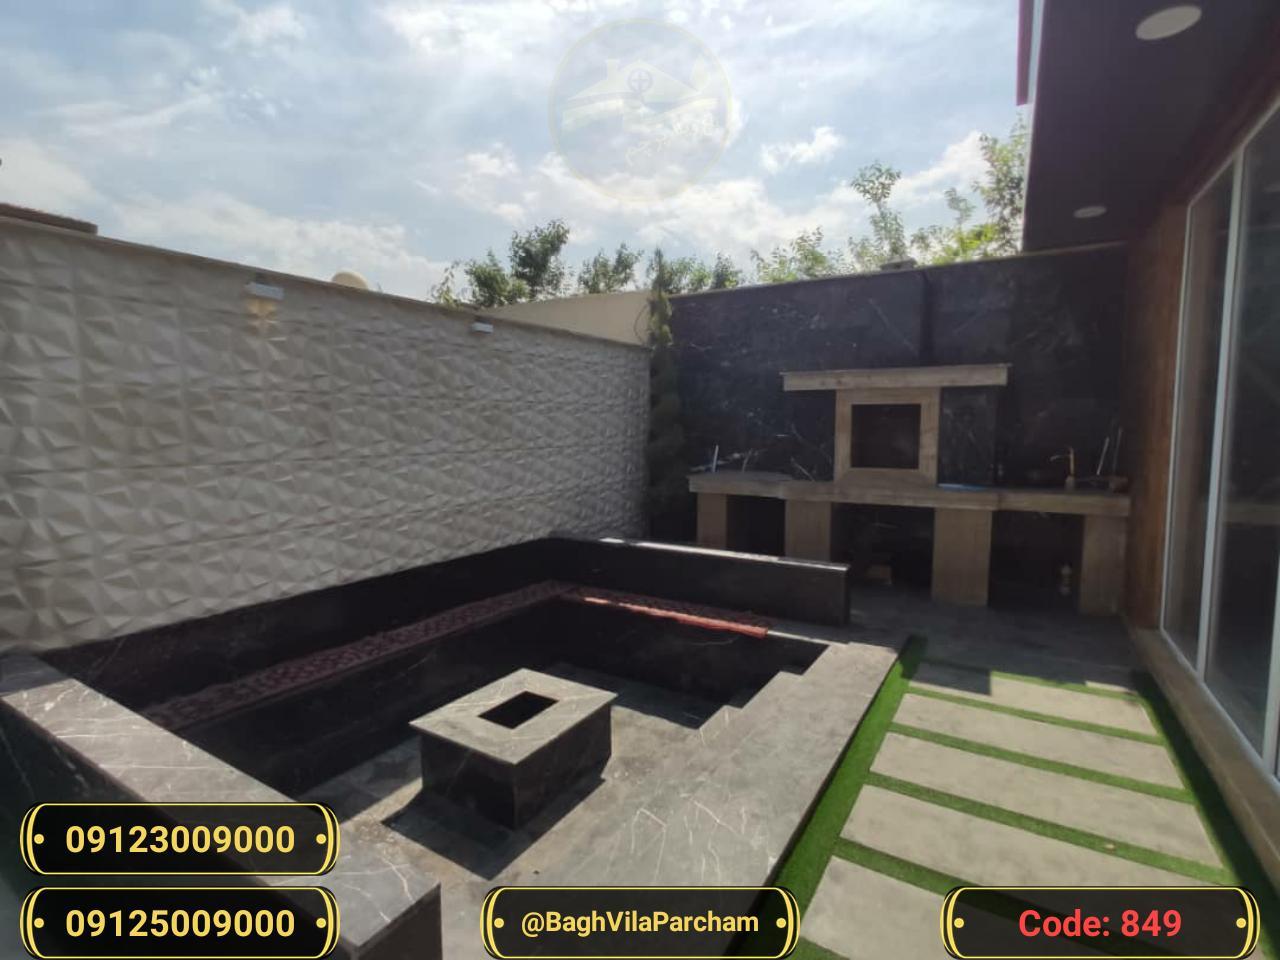 تصویر عکس باغ ویلا شماره 8 از ویلای ۶۰۰ متر ویلا مدرن و شیک Picture photo image 8 of ۶۰۰ متر ویلا مدرن و شیک